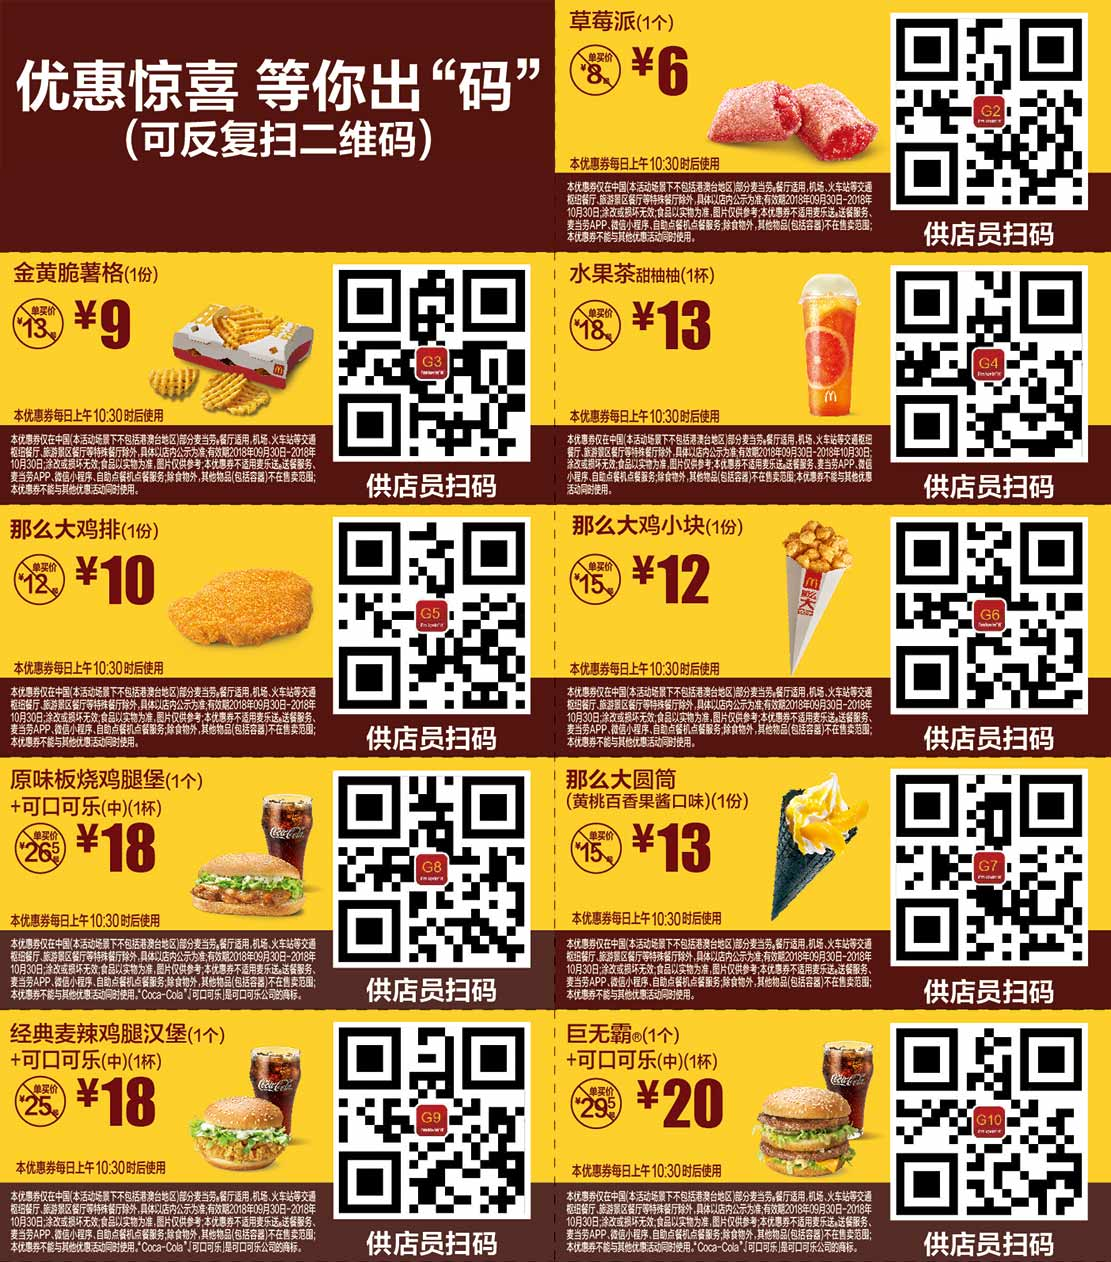 优惠券图片:麦当劳优惠券2018年10月手机版整张版本,出示给店员扫码享券面优惠价点餐 有效期2018年09月30日-2018年10月30日